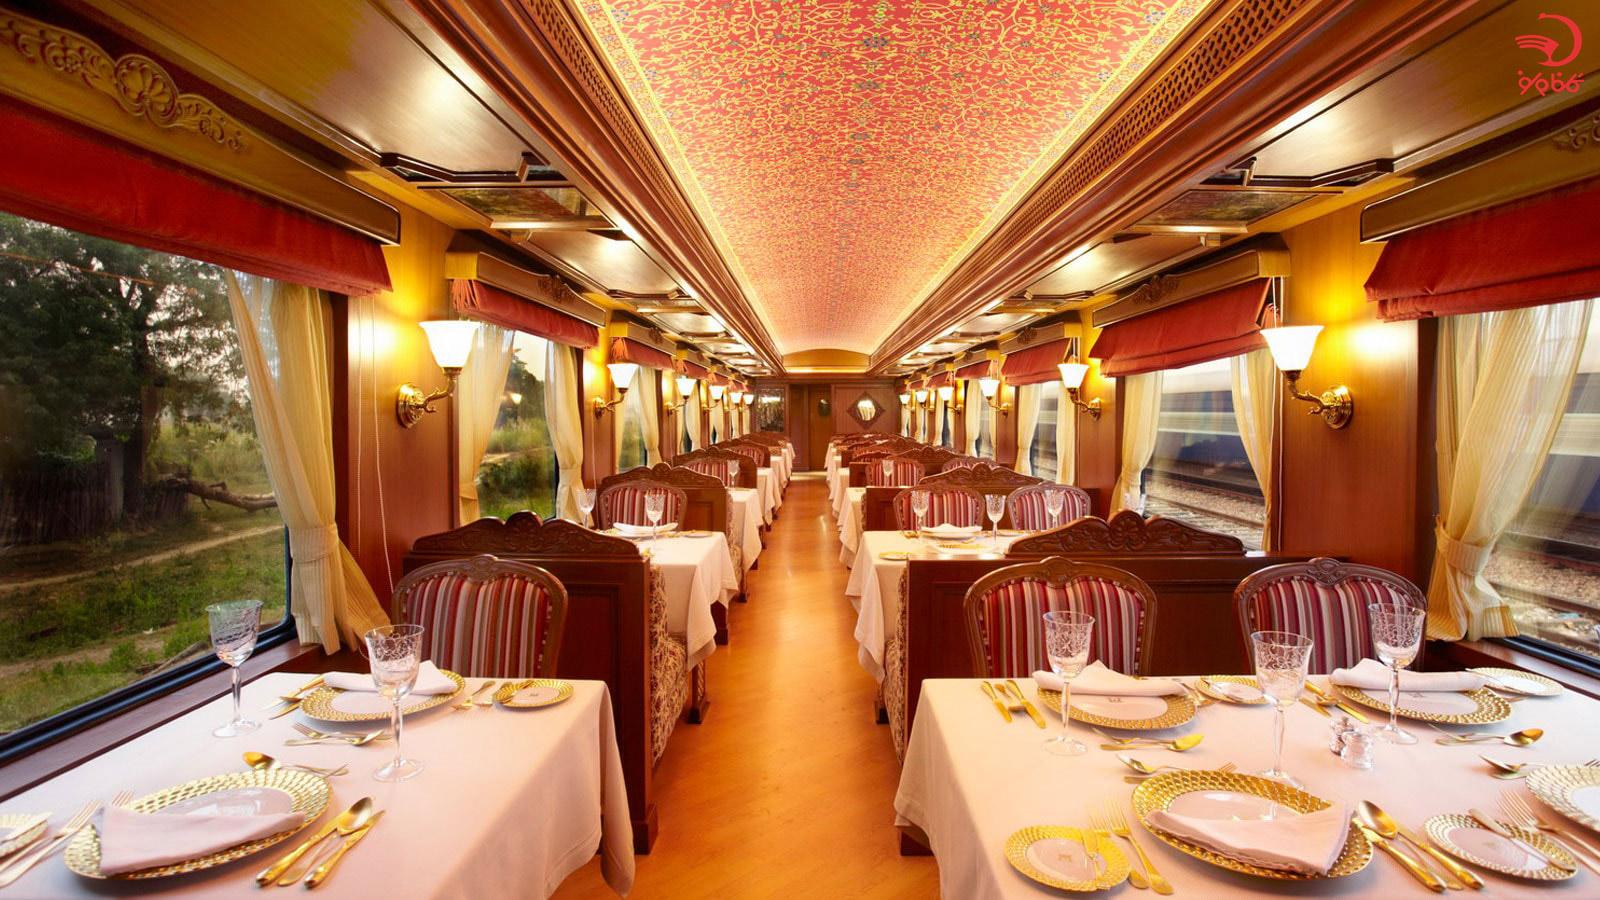 هتل قطار مهاراجه اکسپرس